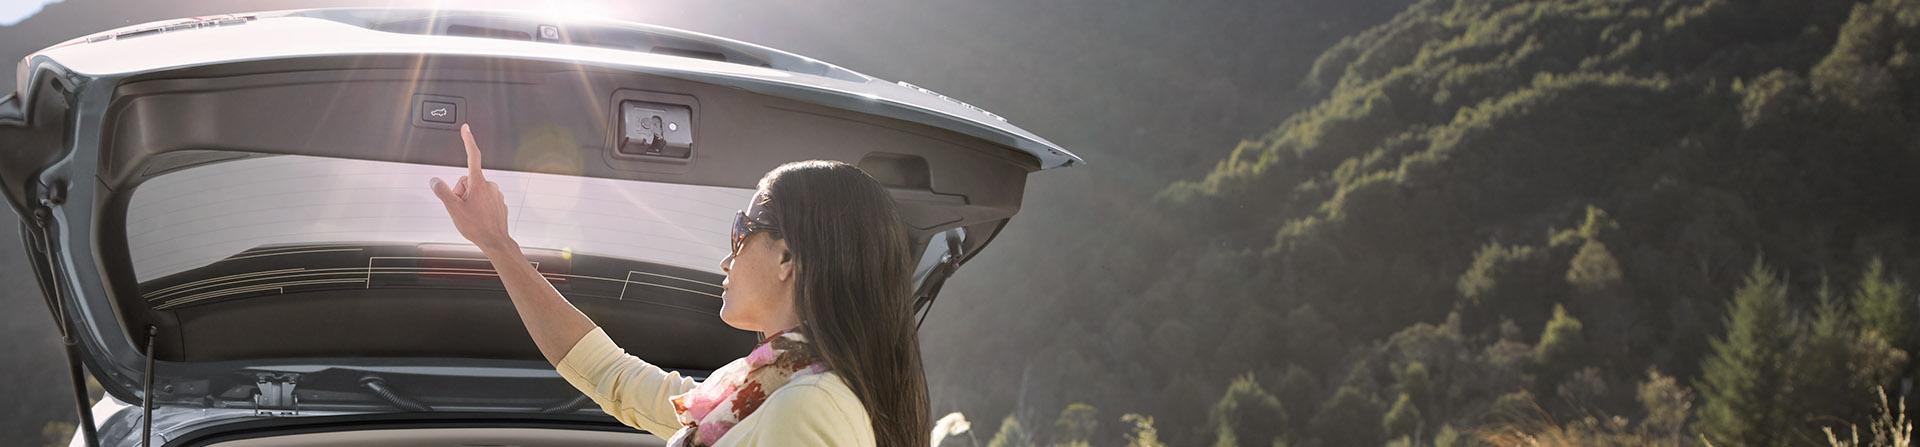 Subaru Outback Image 3